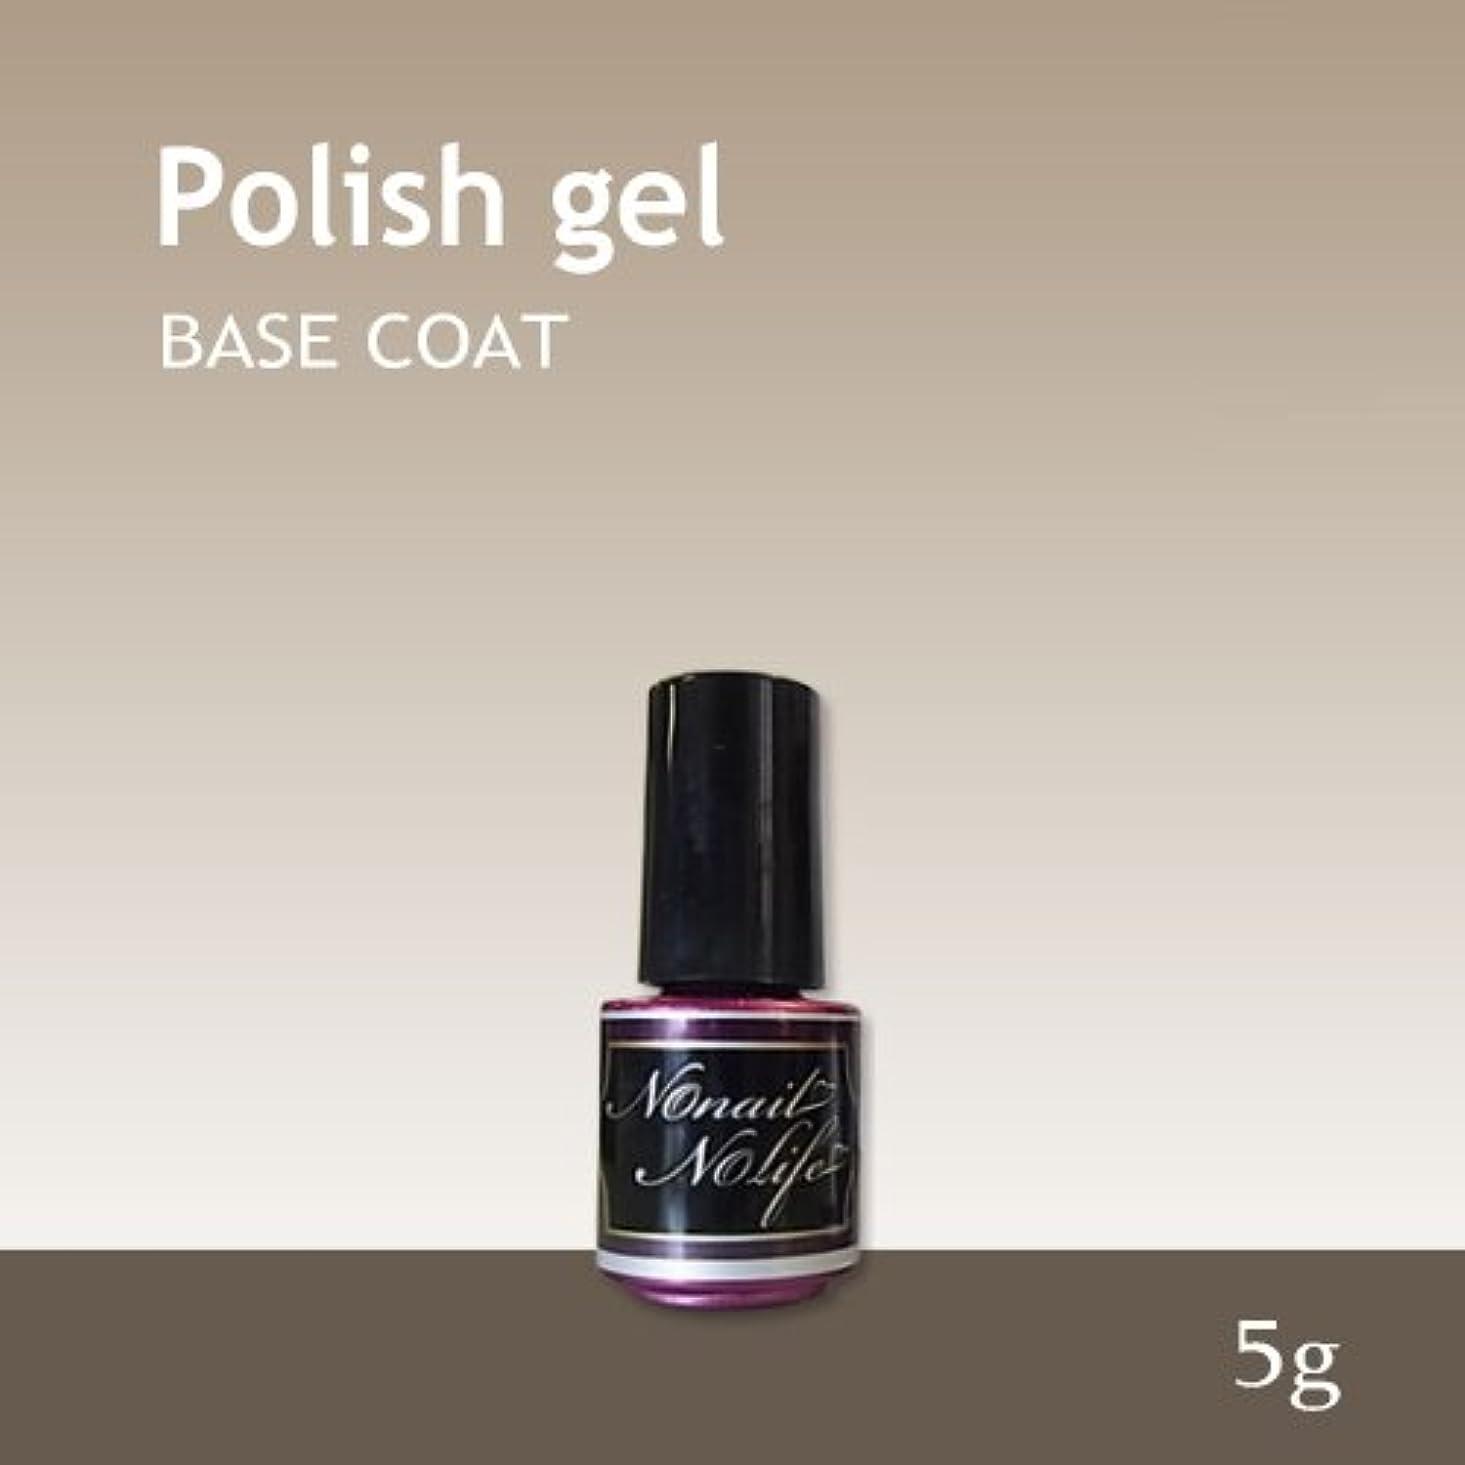 はずかすれた楕円形ジェルネイル《サンディング不要のベースコート》Natural Polish ポリッシュベースジェル(5g)